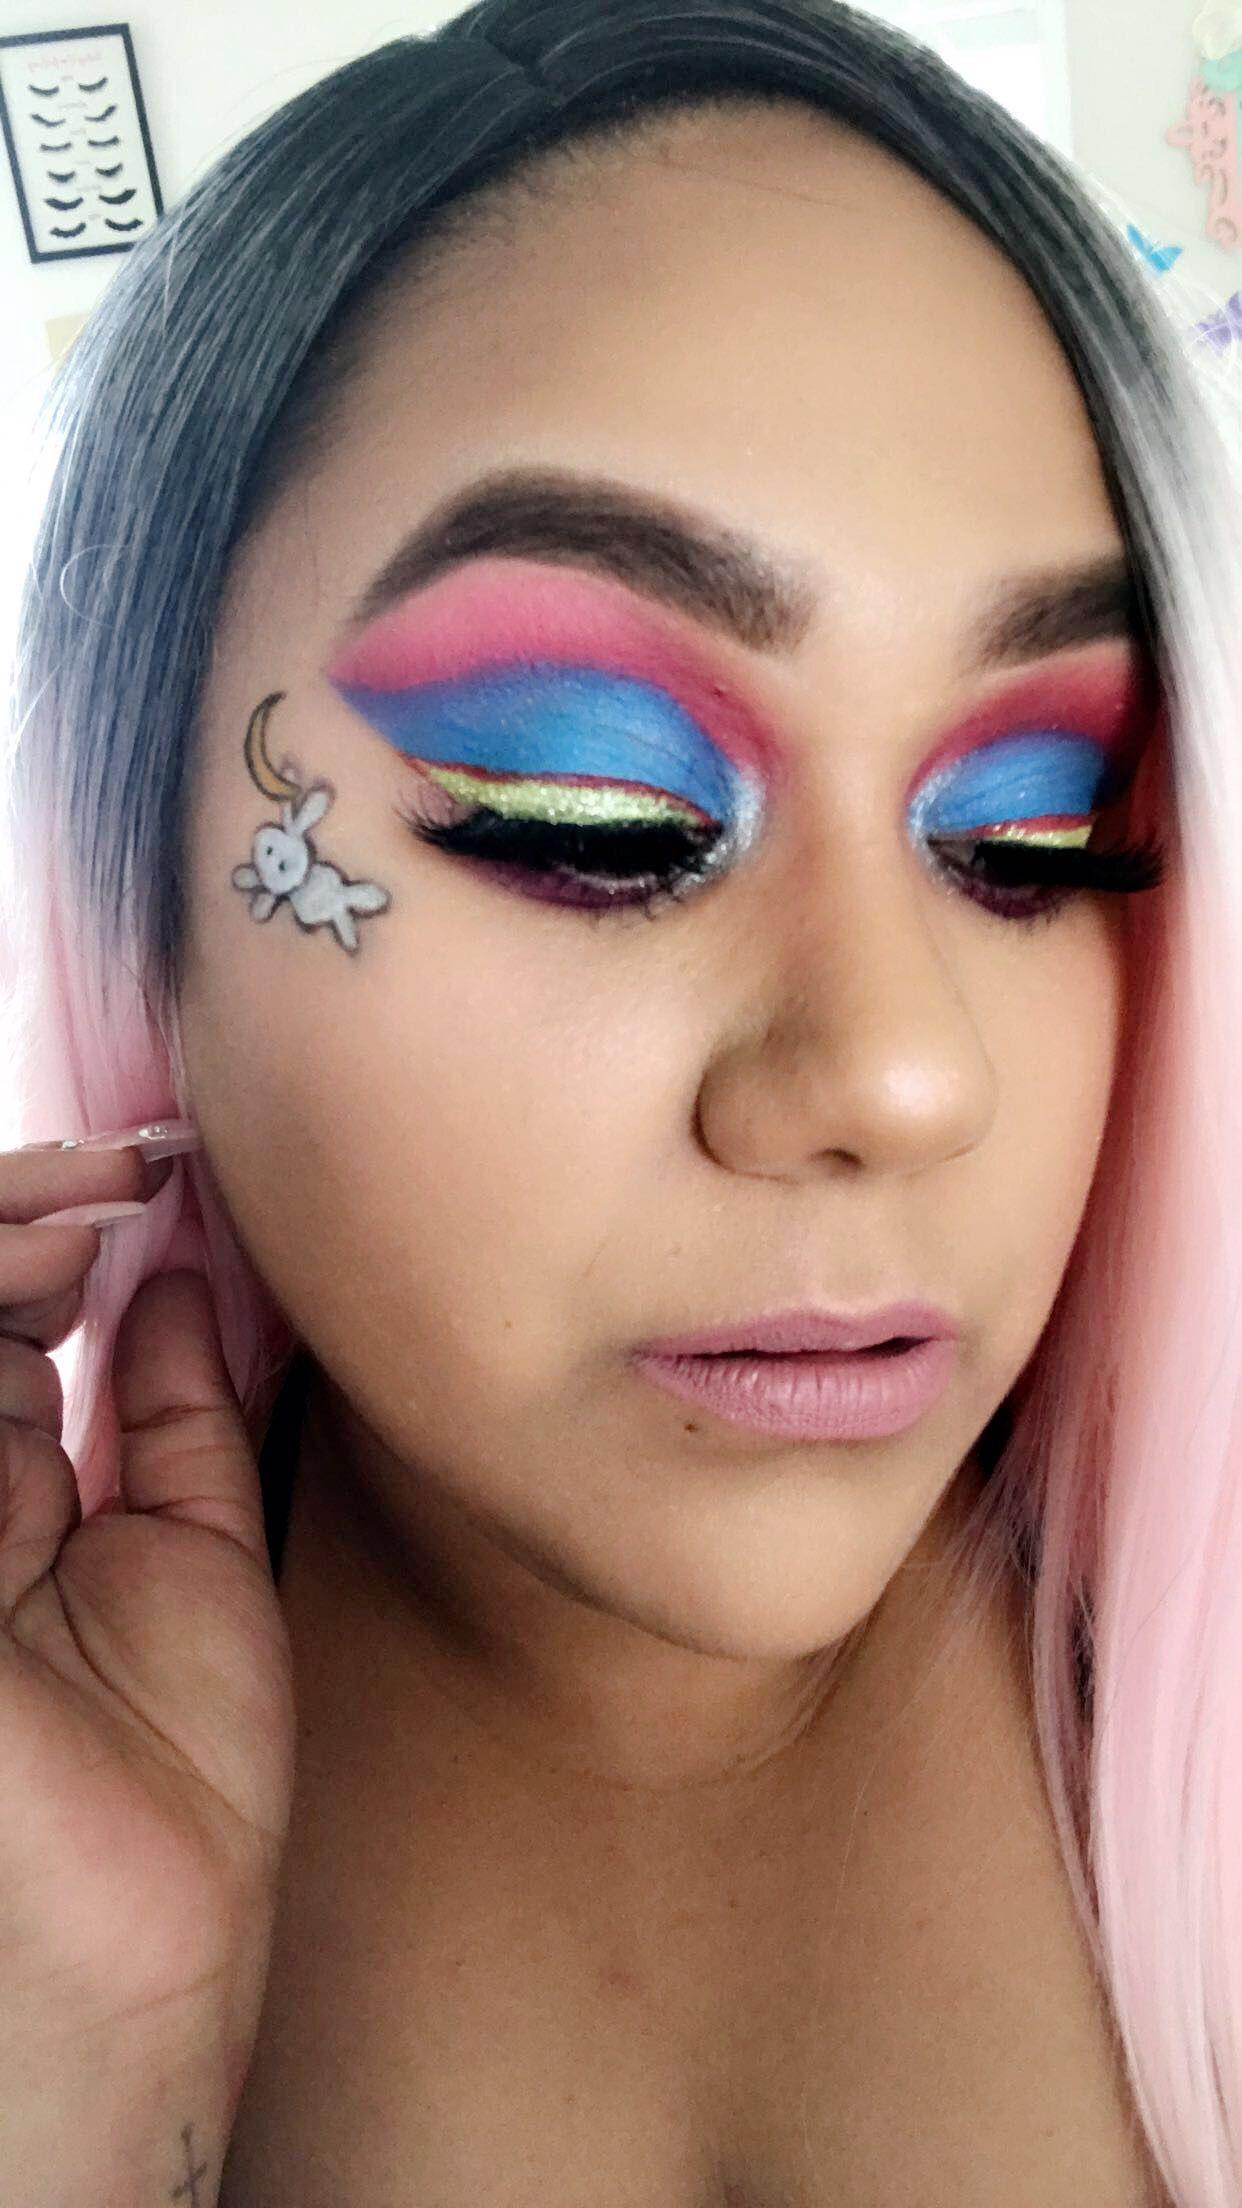 My Sailor Moon Inspired Makeup Look Makeup Makeupporn Makeupjunkie Makeupaddict Makeupobsessed Makeupgo Jeffree Star Cosmetics Makeup Lover Makeup